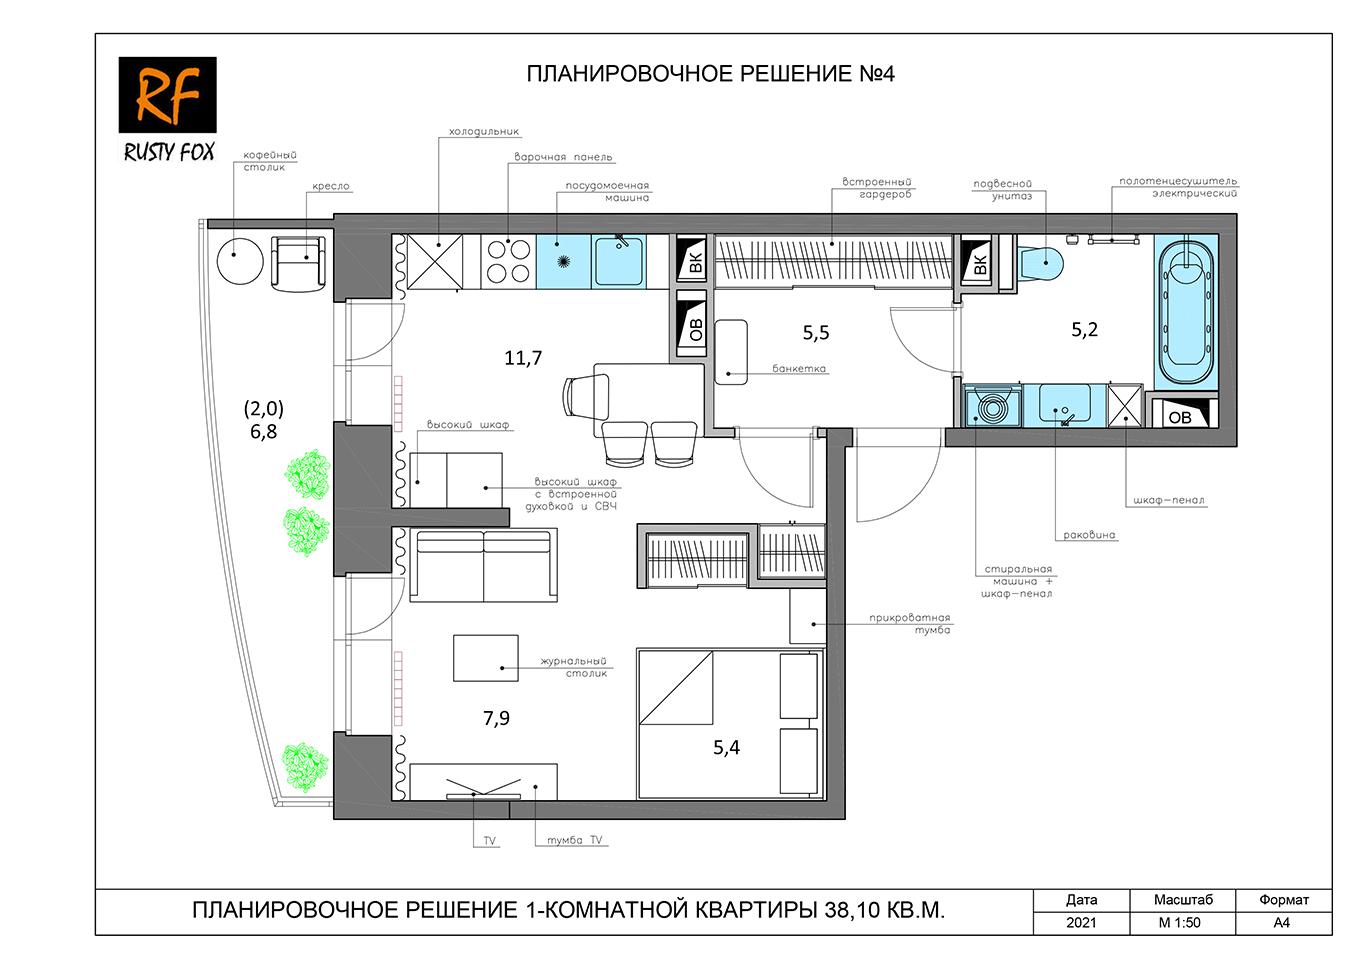 ЖК Люберцы корпус 54. Планировочное решение №4 1-комнатная квартира левая 38,10 кв.м.